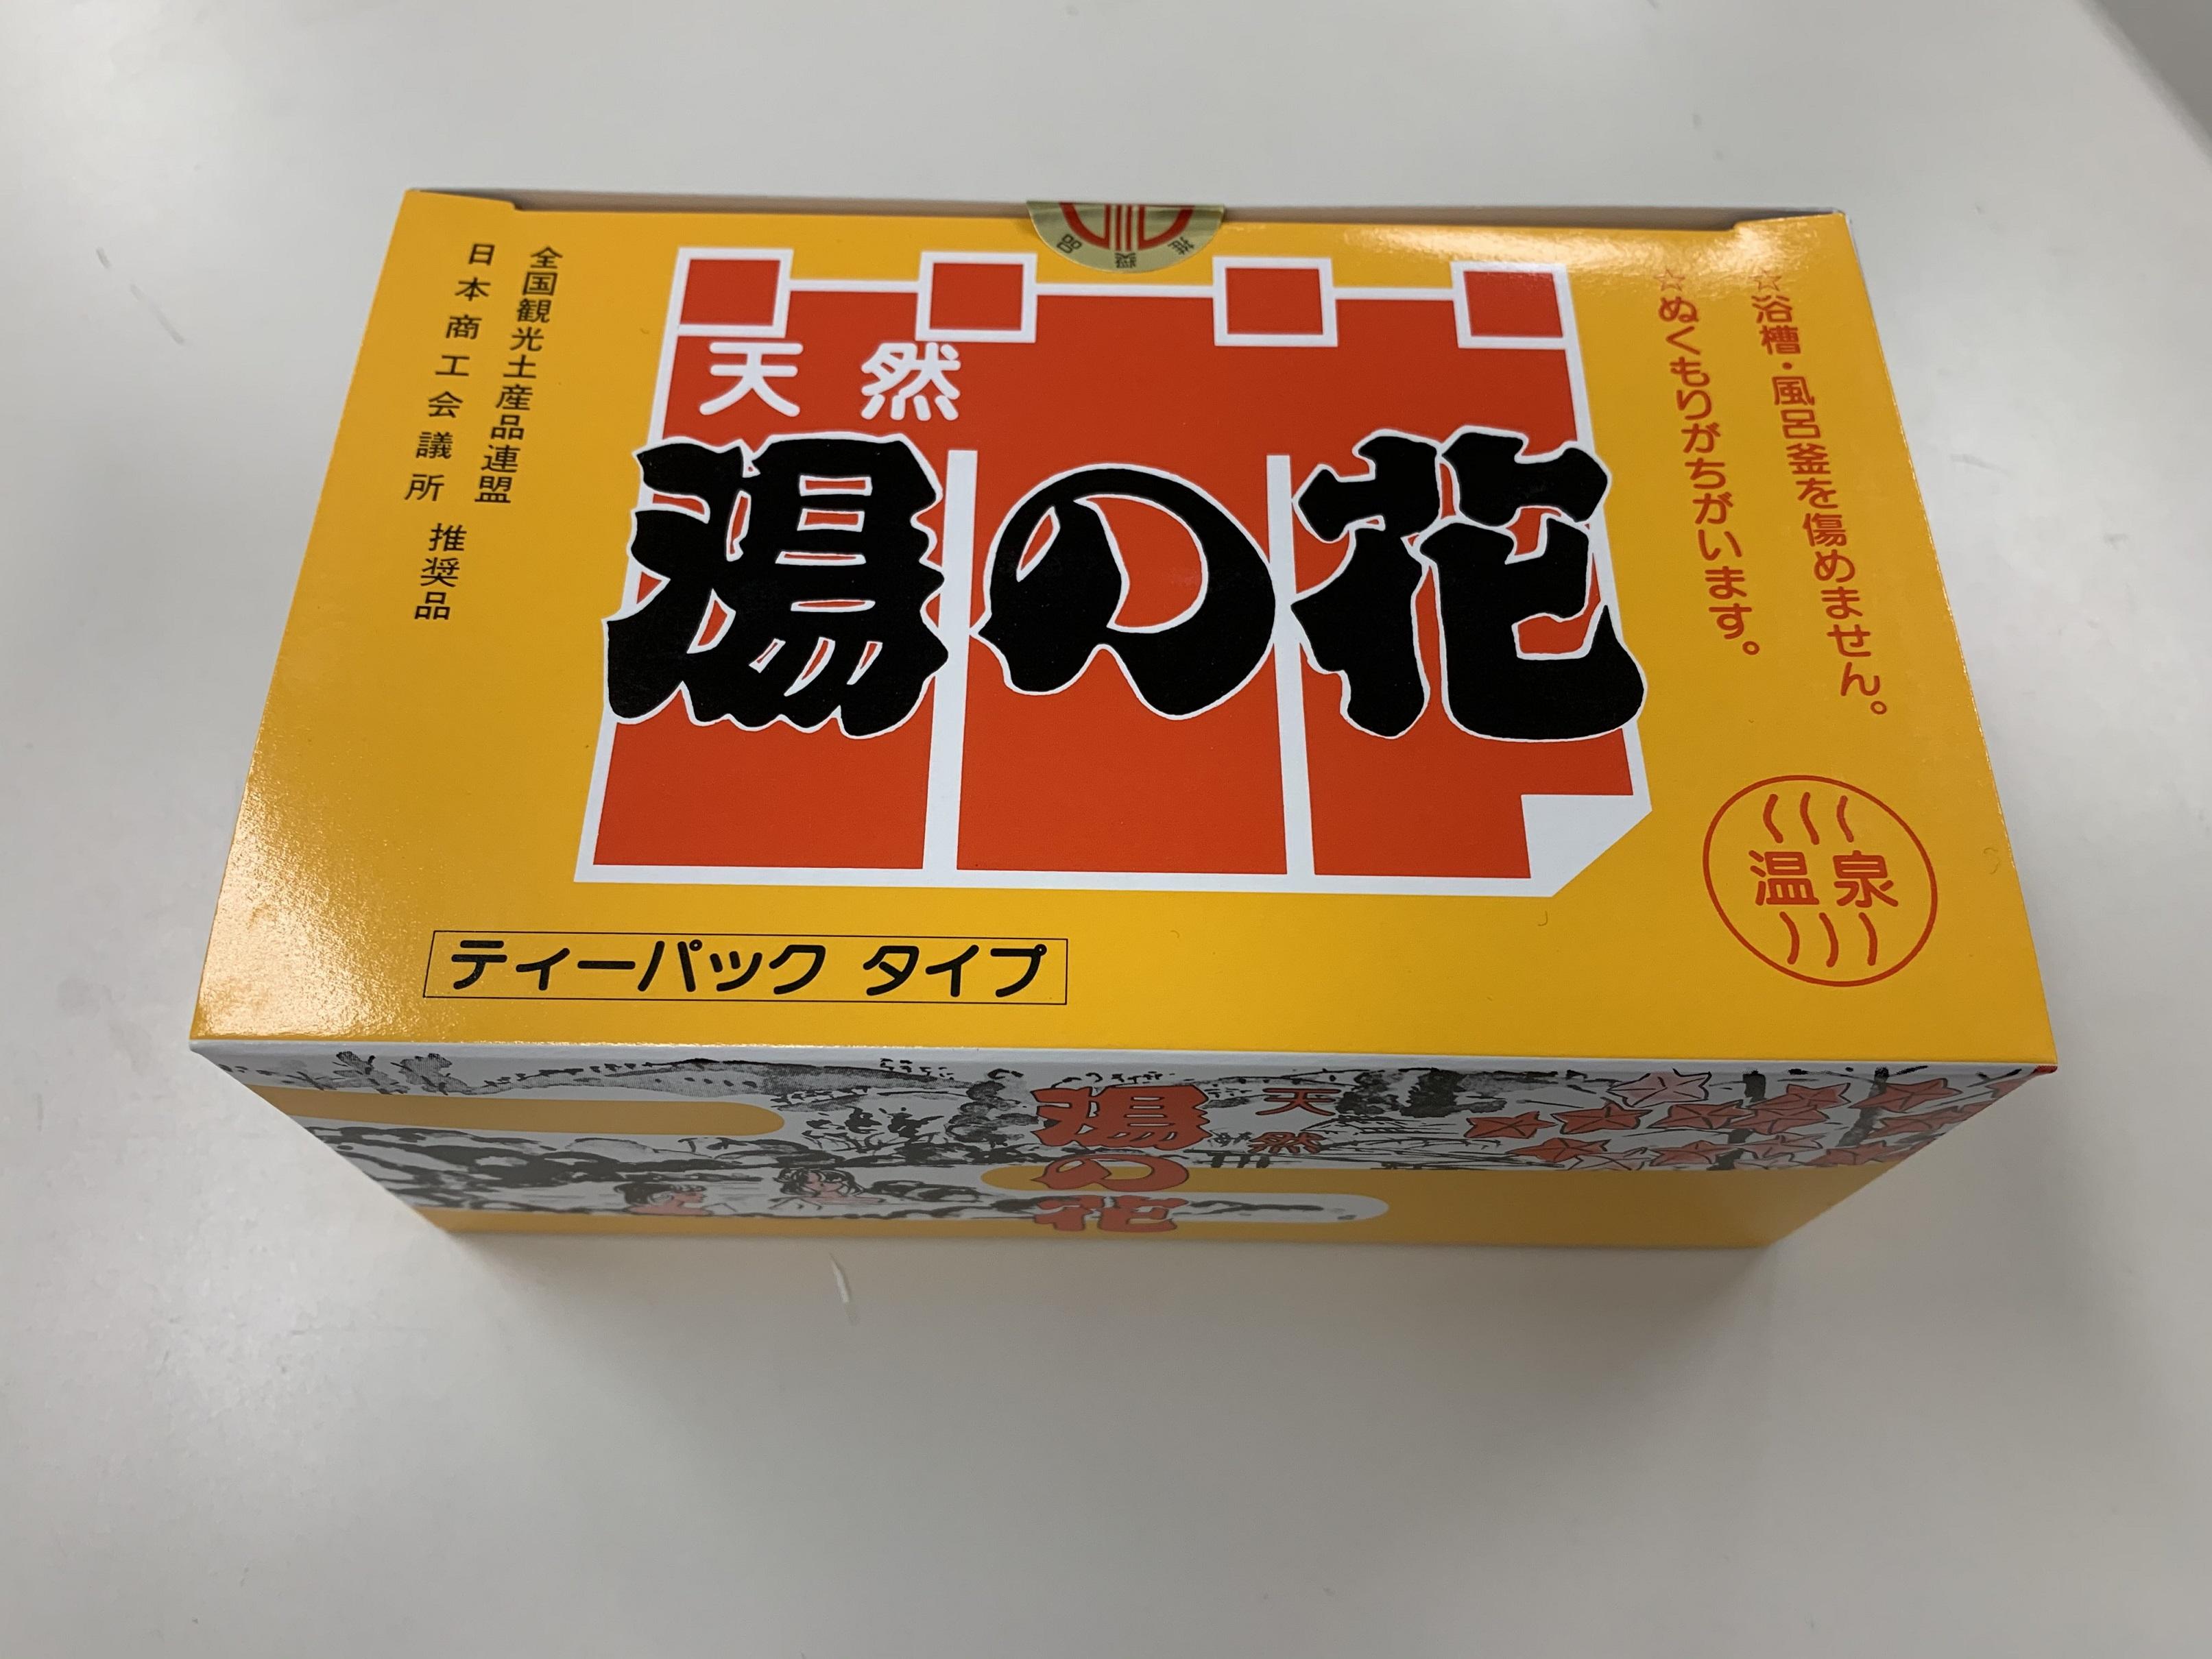 yunohanahako.jpg